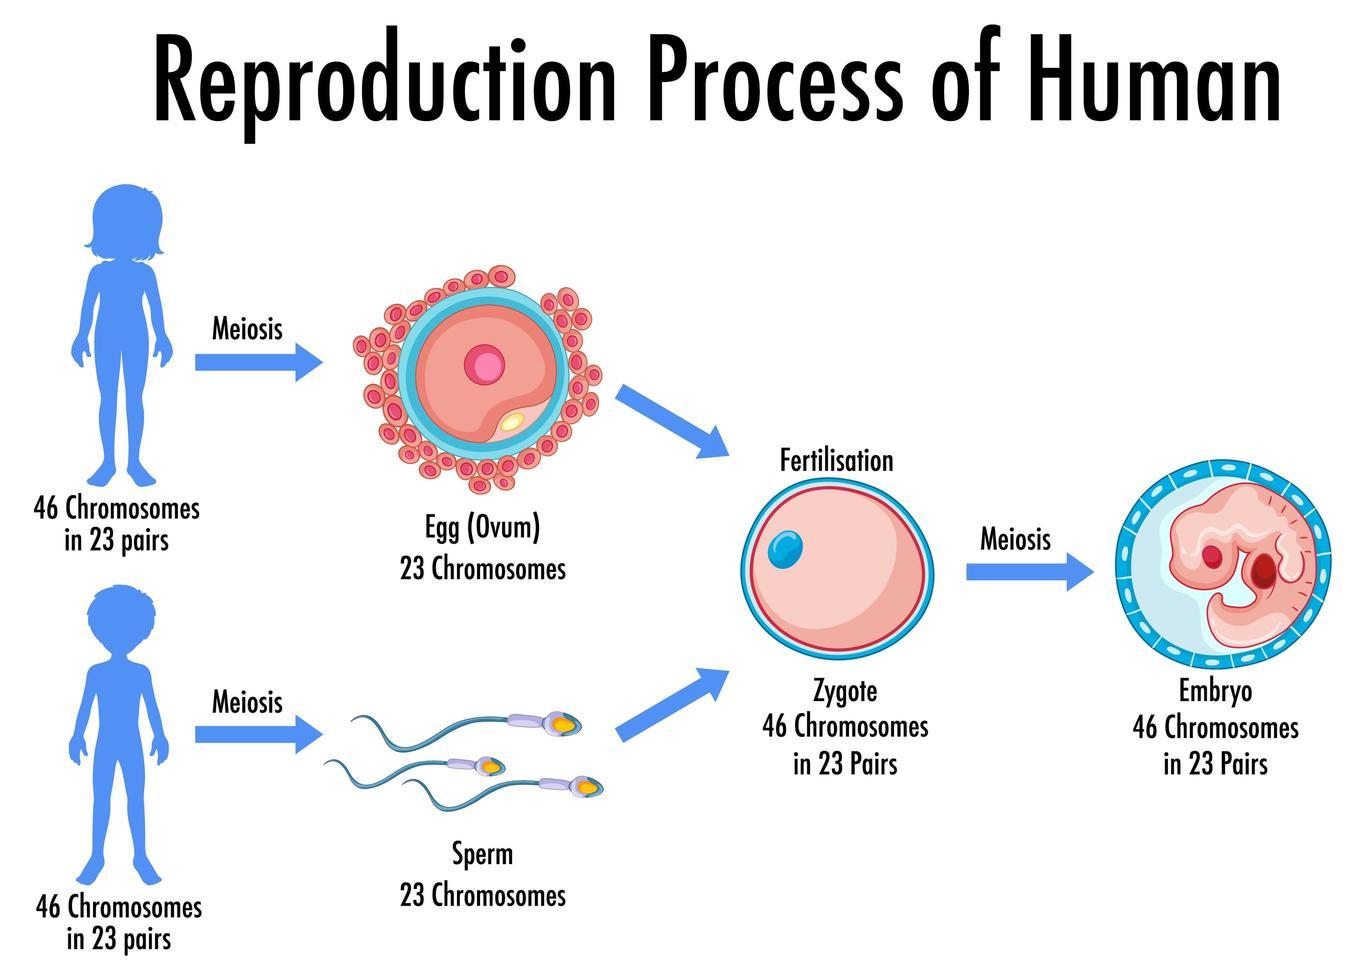 processus de reproduction de l'infographie humaine vecteur